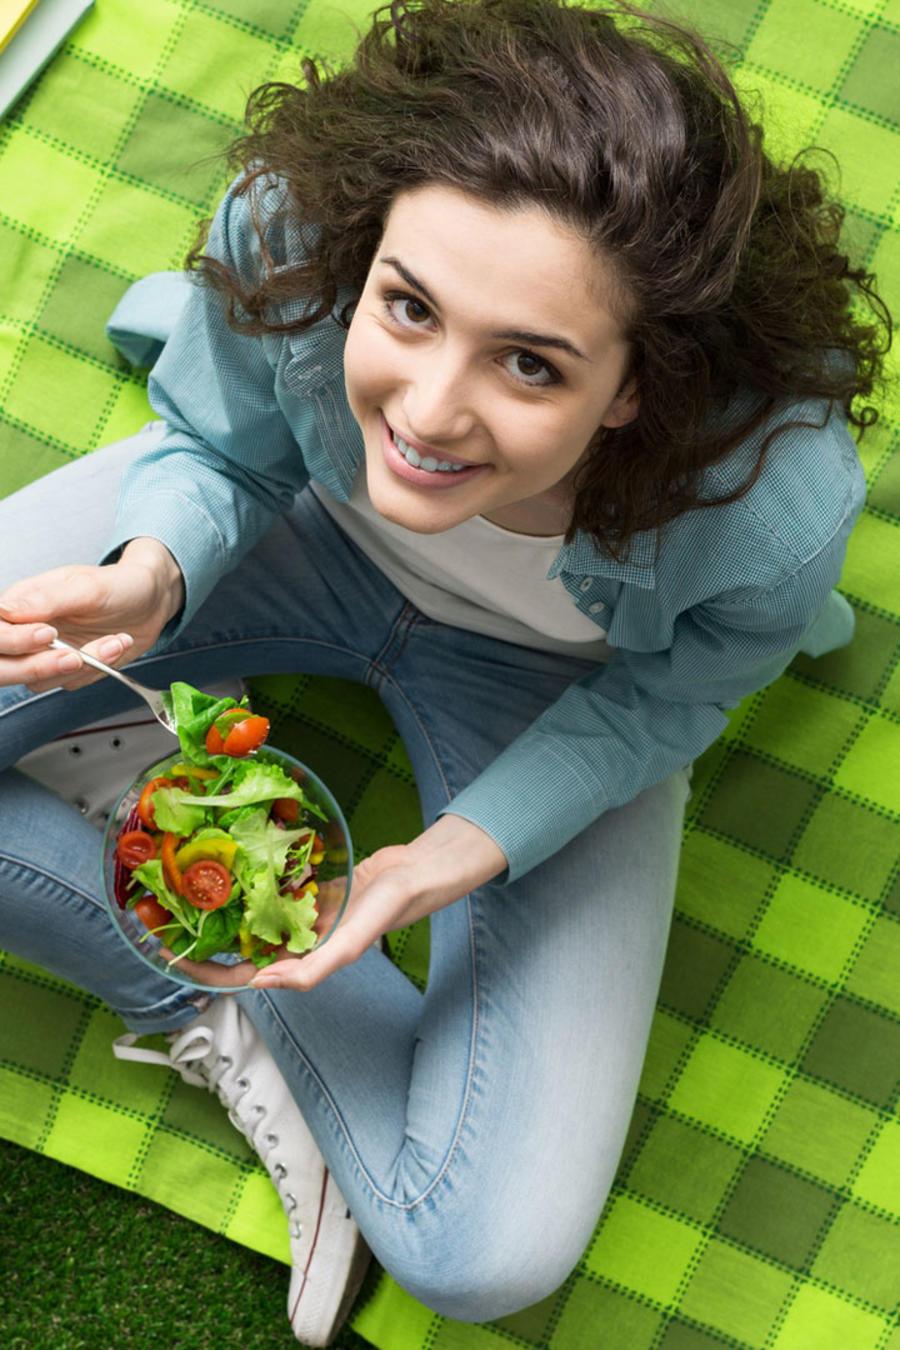 Mujer joven comiendo ensalada